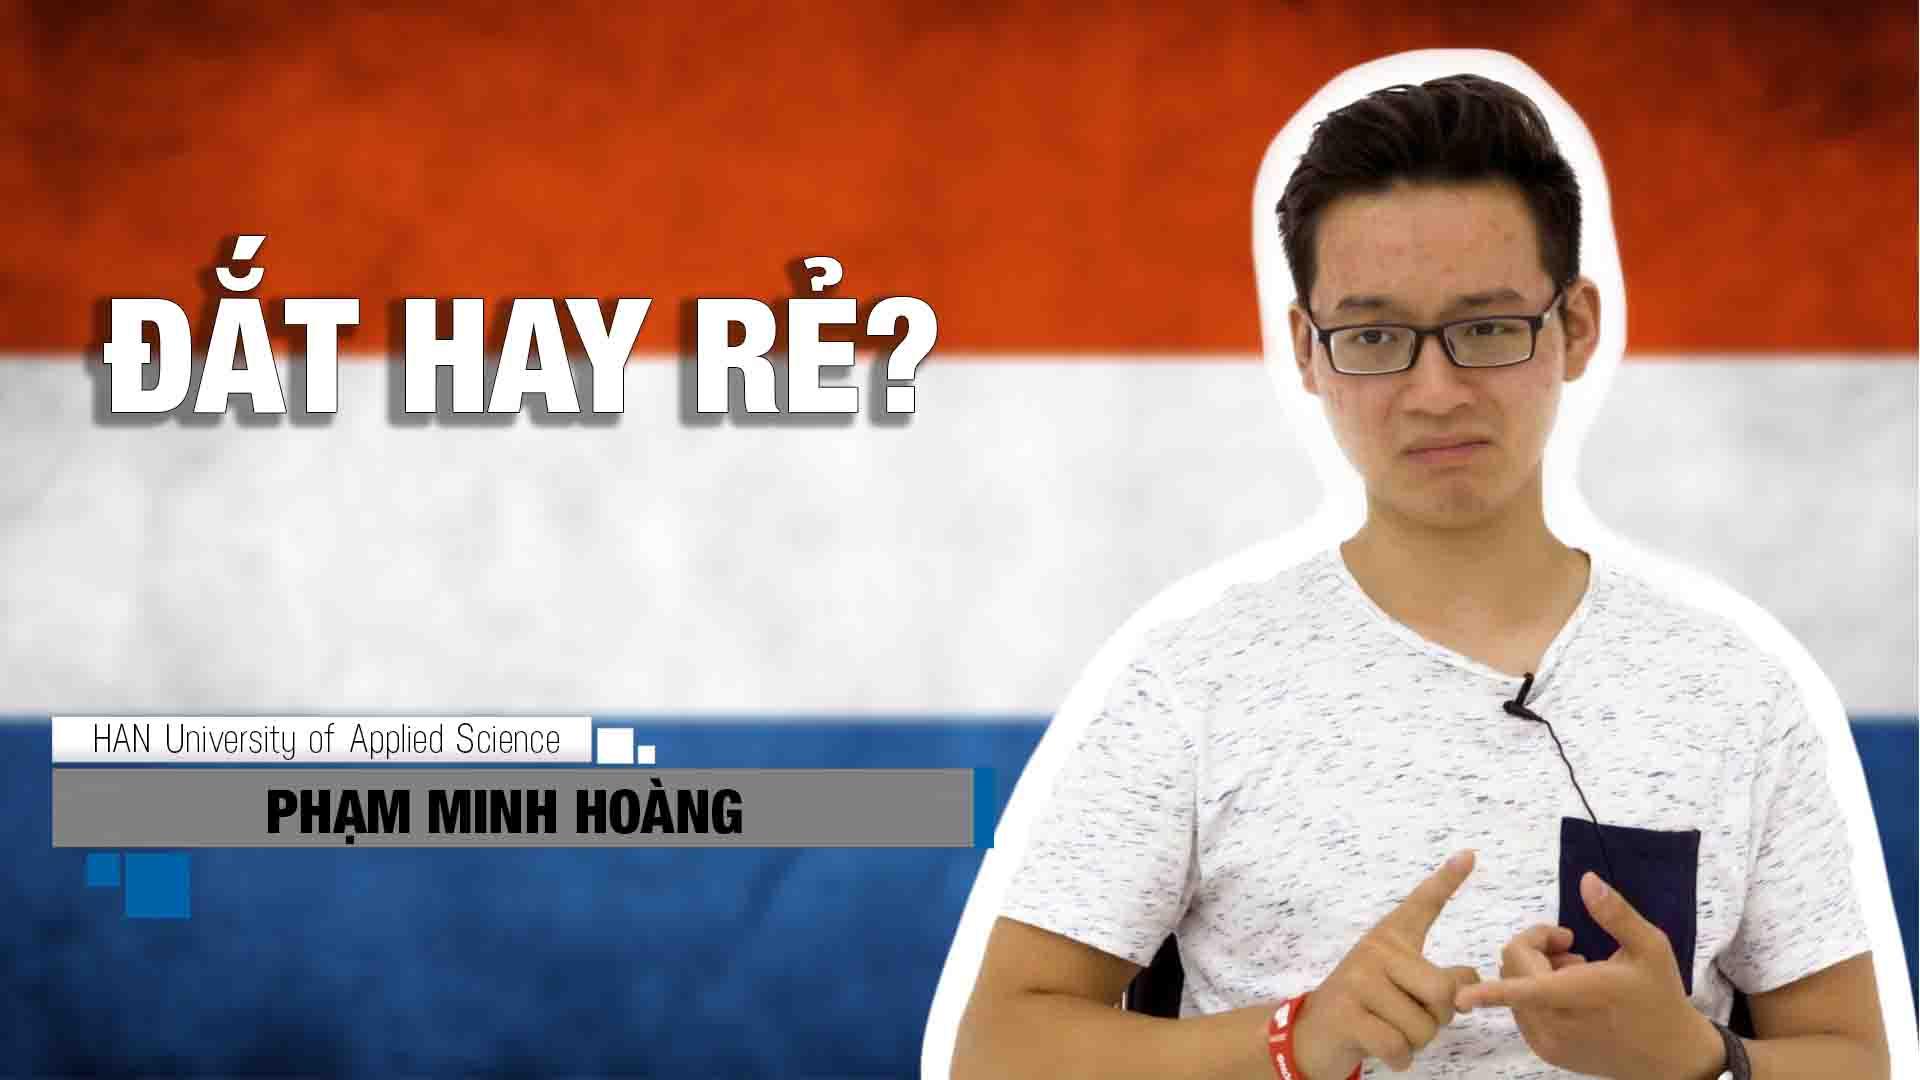 """Vì sao Hà Lan lại là """"best option""""? Du học Hà Lan đắt hay rẻ? Hãy nghe bạn Phạm Minh Hoàng hiện đang học tại đại học Khoa học Ứng dụng HAN chia sẻ về chi tiêu của mình nhé."""